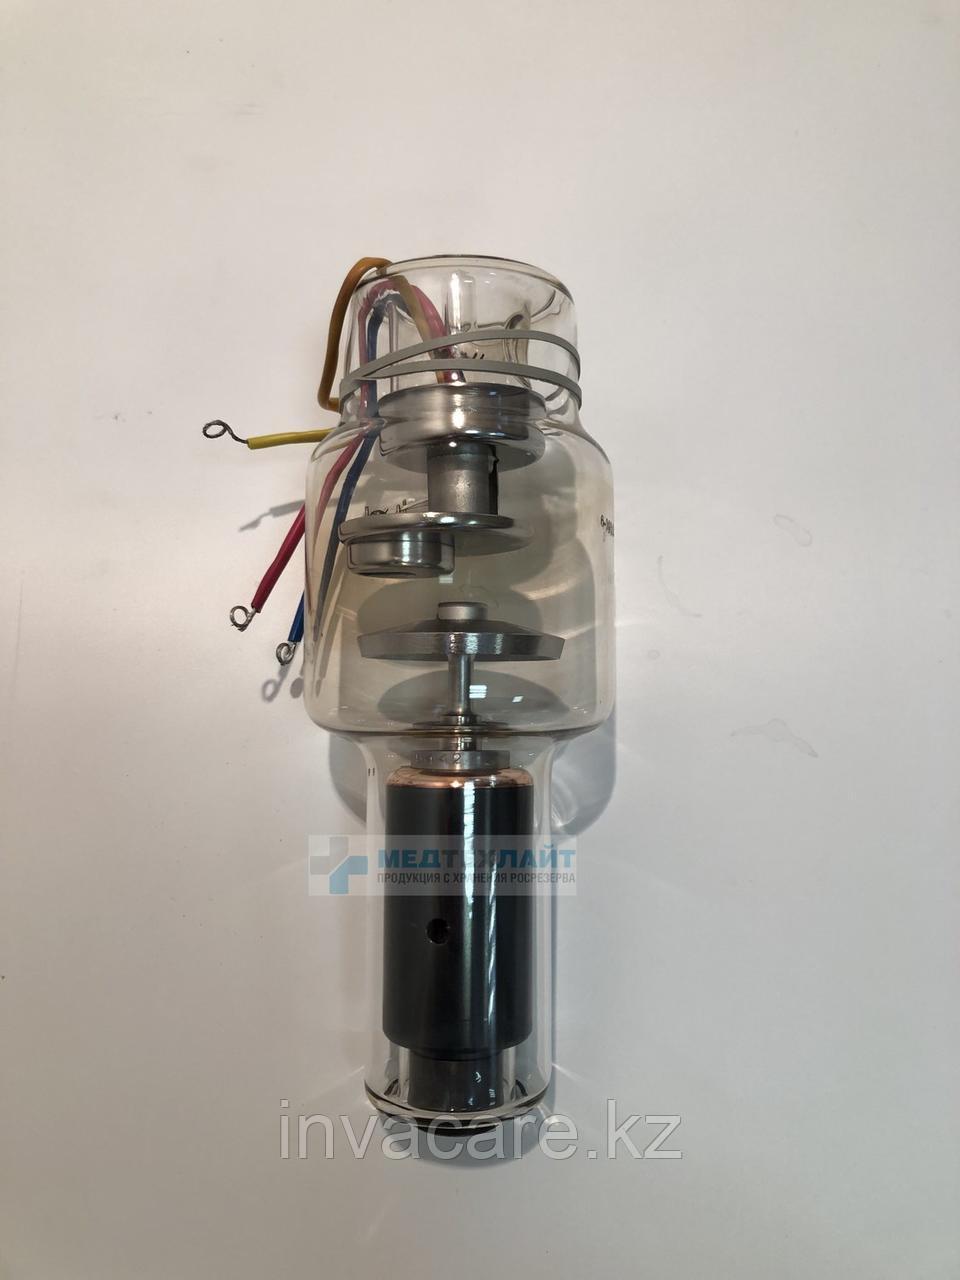 Трубка рентгеновская 6-10БД8-125